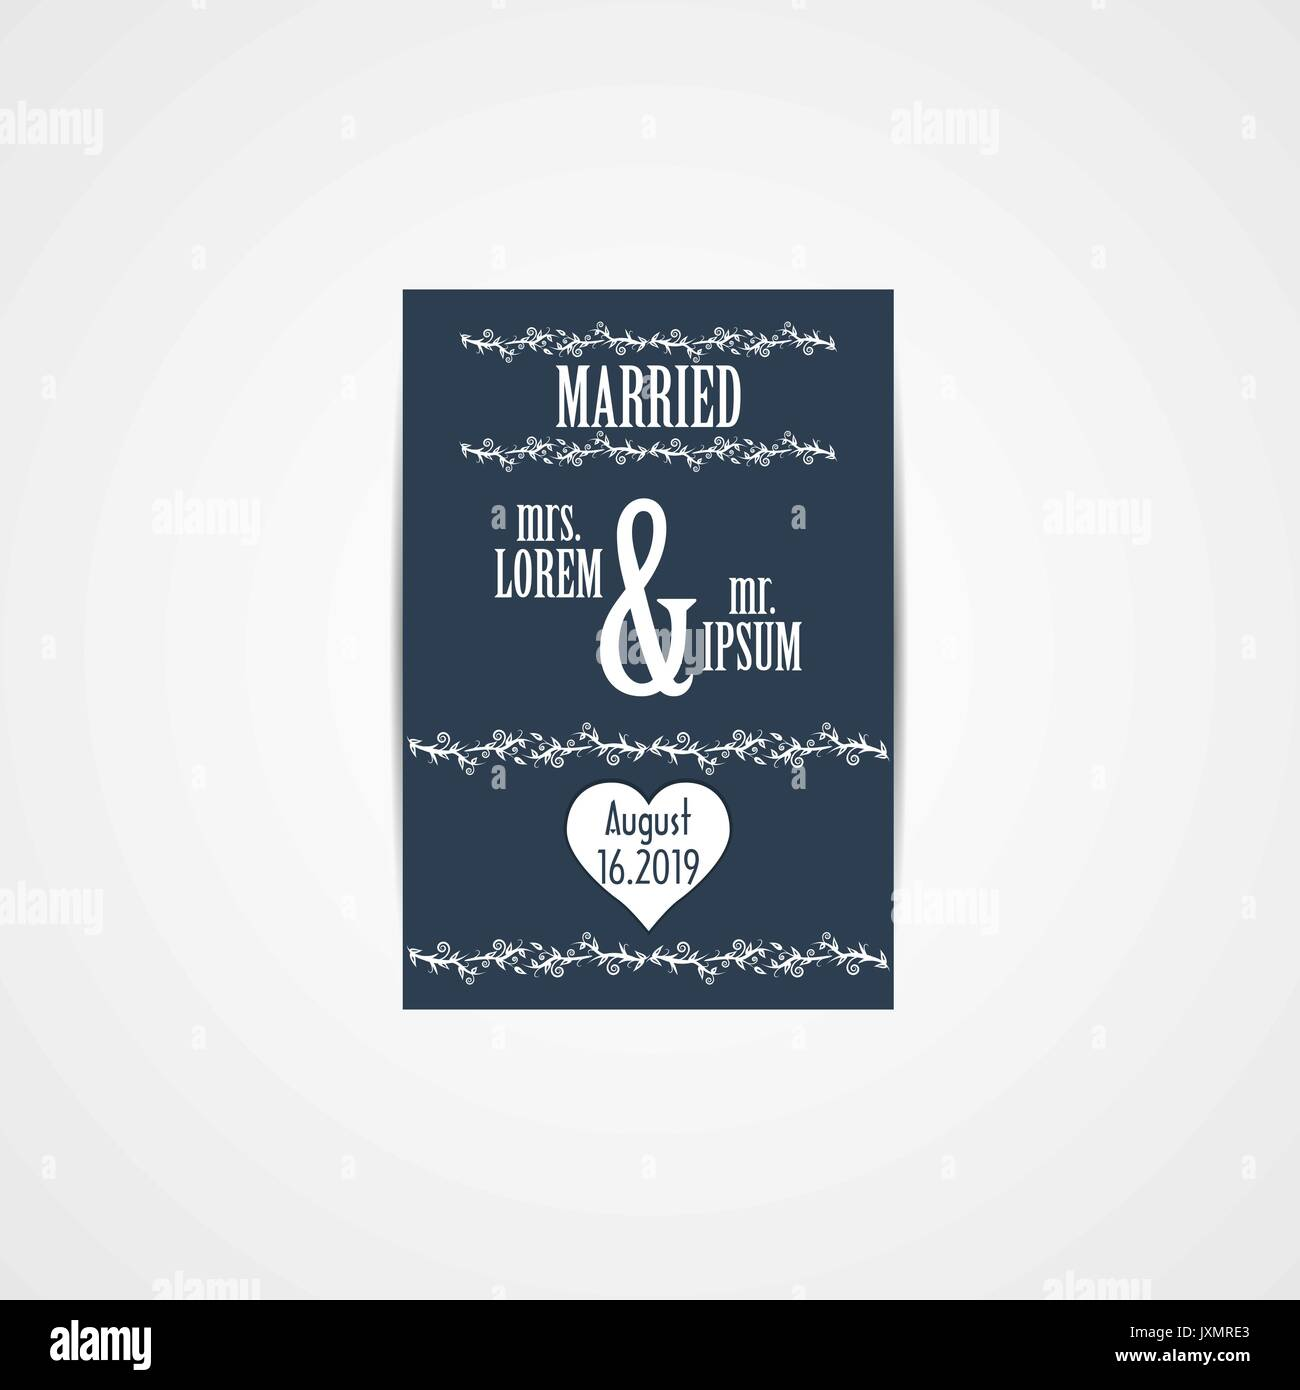 Wedding invitation card vector illustration eps file stock vector wedding invitation card vector illustration eps file stopboris Choice Image